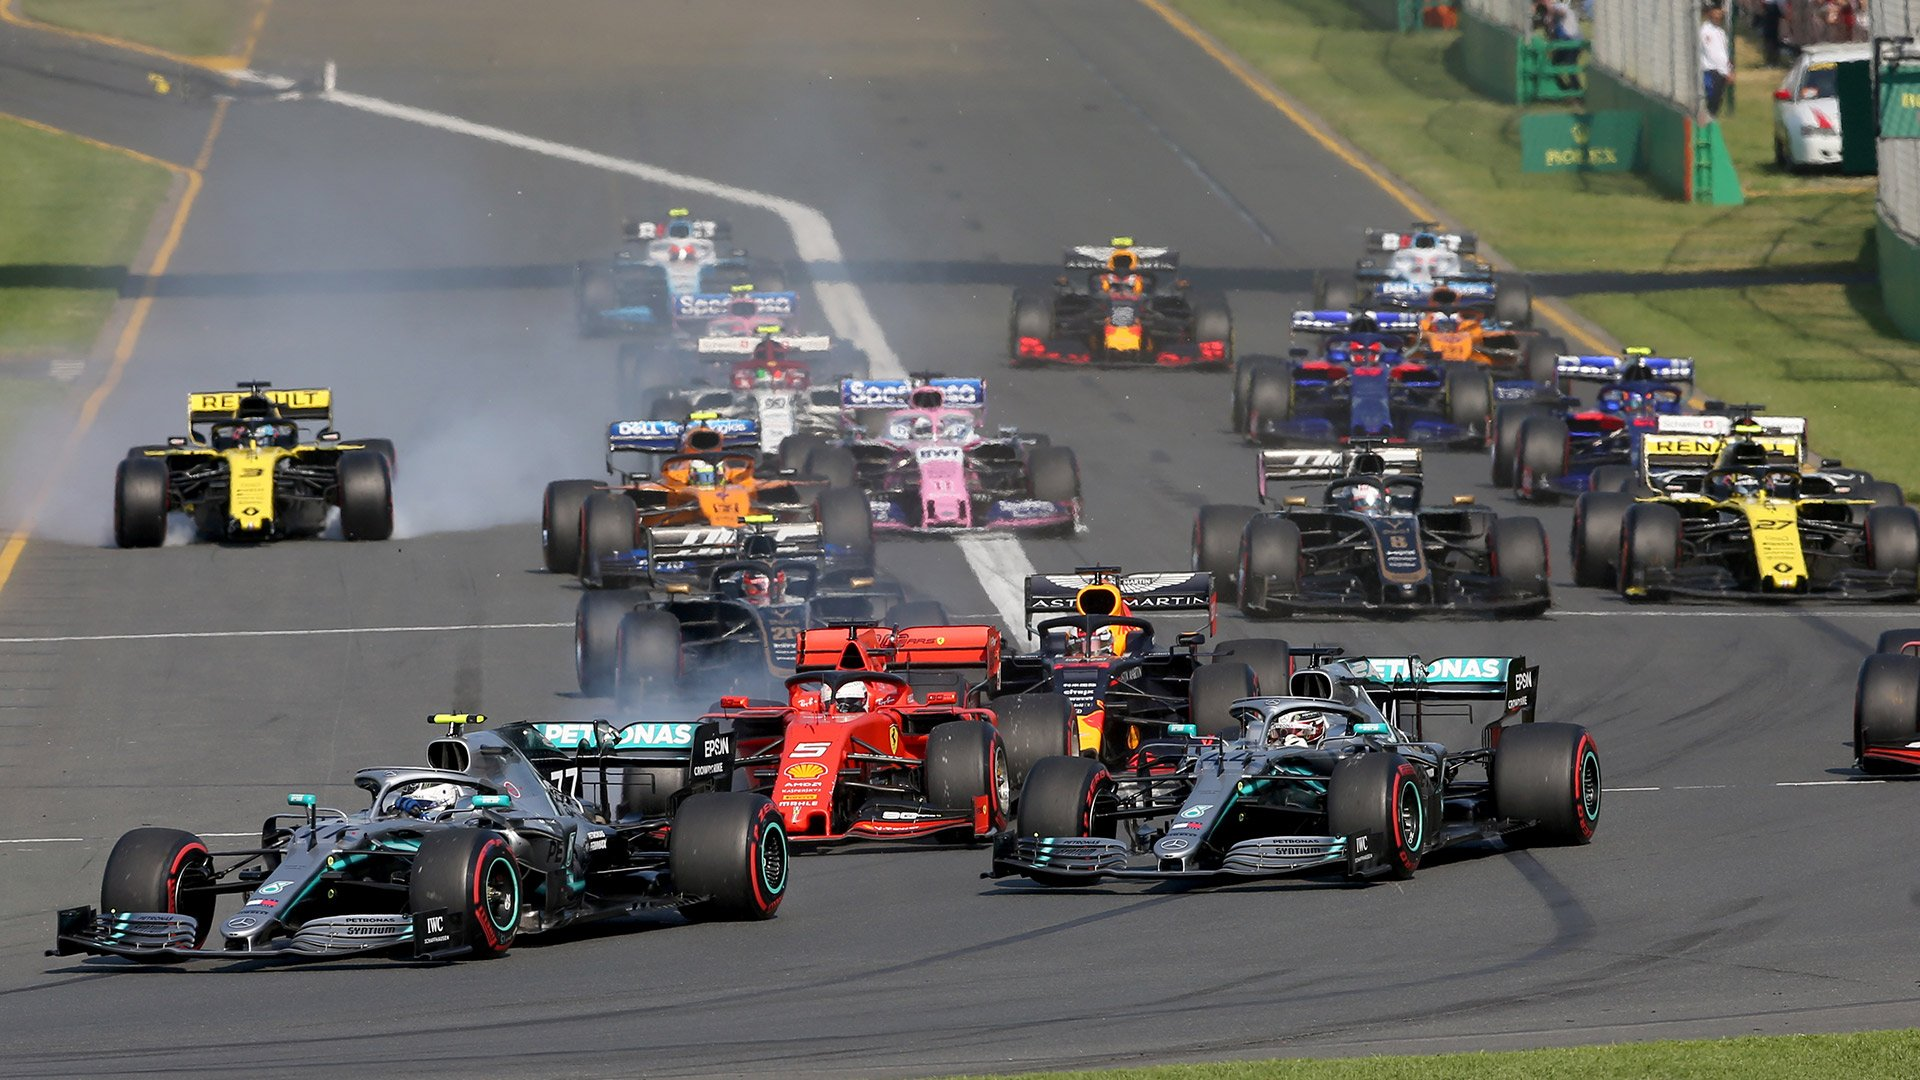 Гран-При «Формулы 1» сезона 2020 в Австралии отменён из-за коронавируса